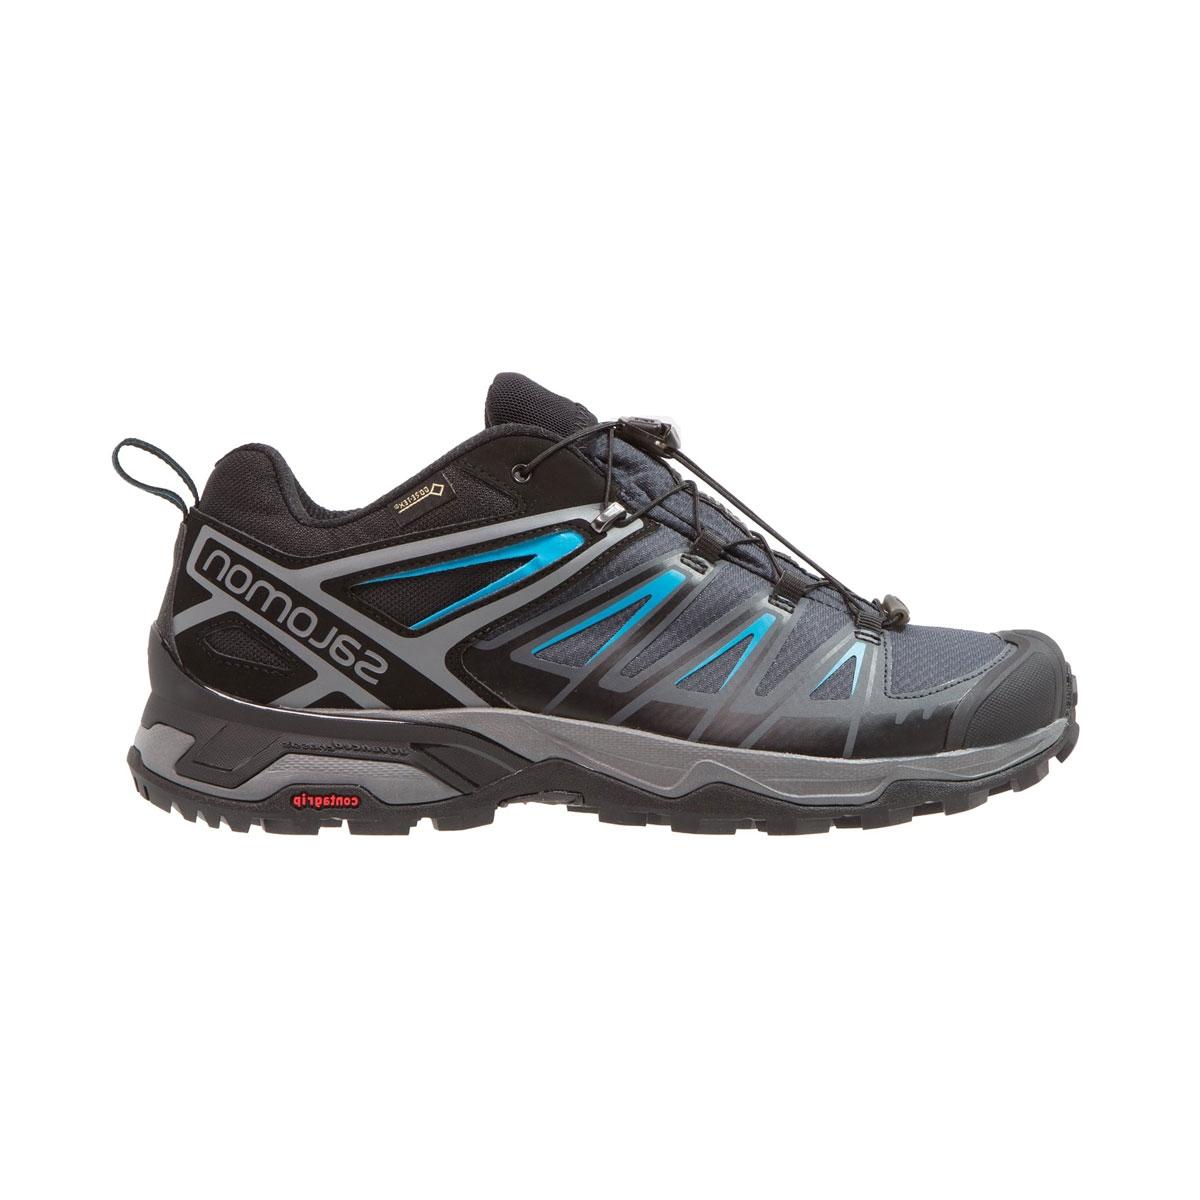 newest collection 175ad 4044b Salomon X Ultra 3 GTX Walking Boots - Black/India Ink/Hawaiian Surf